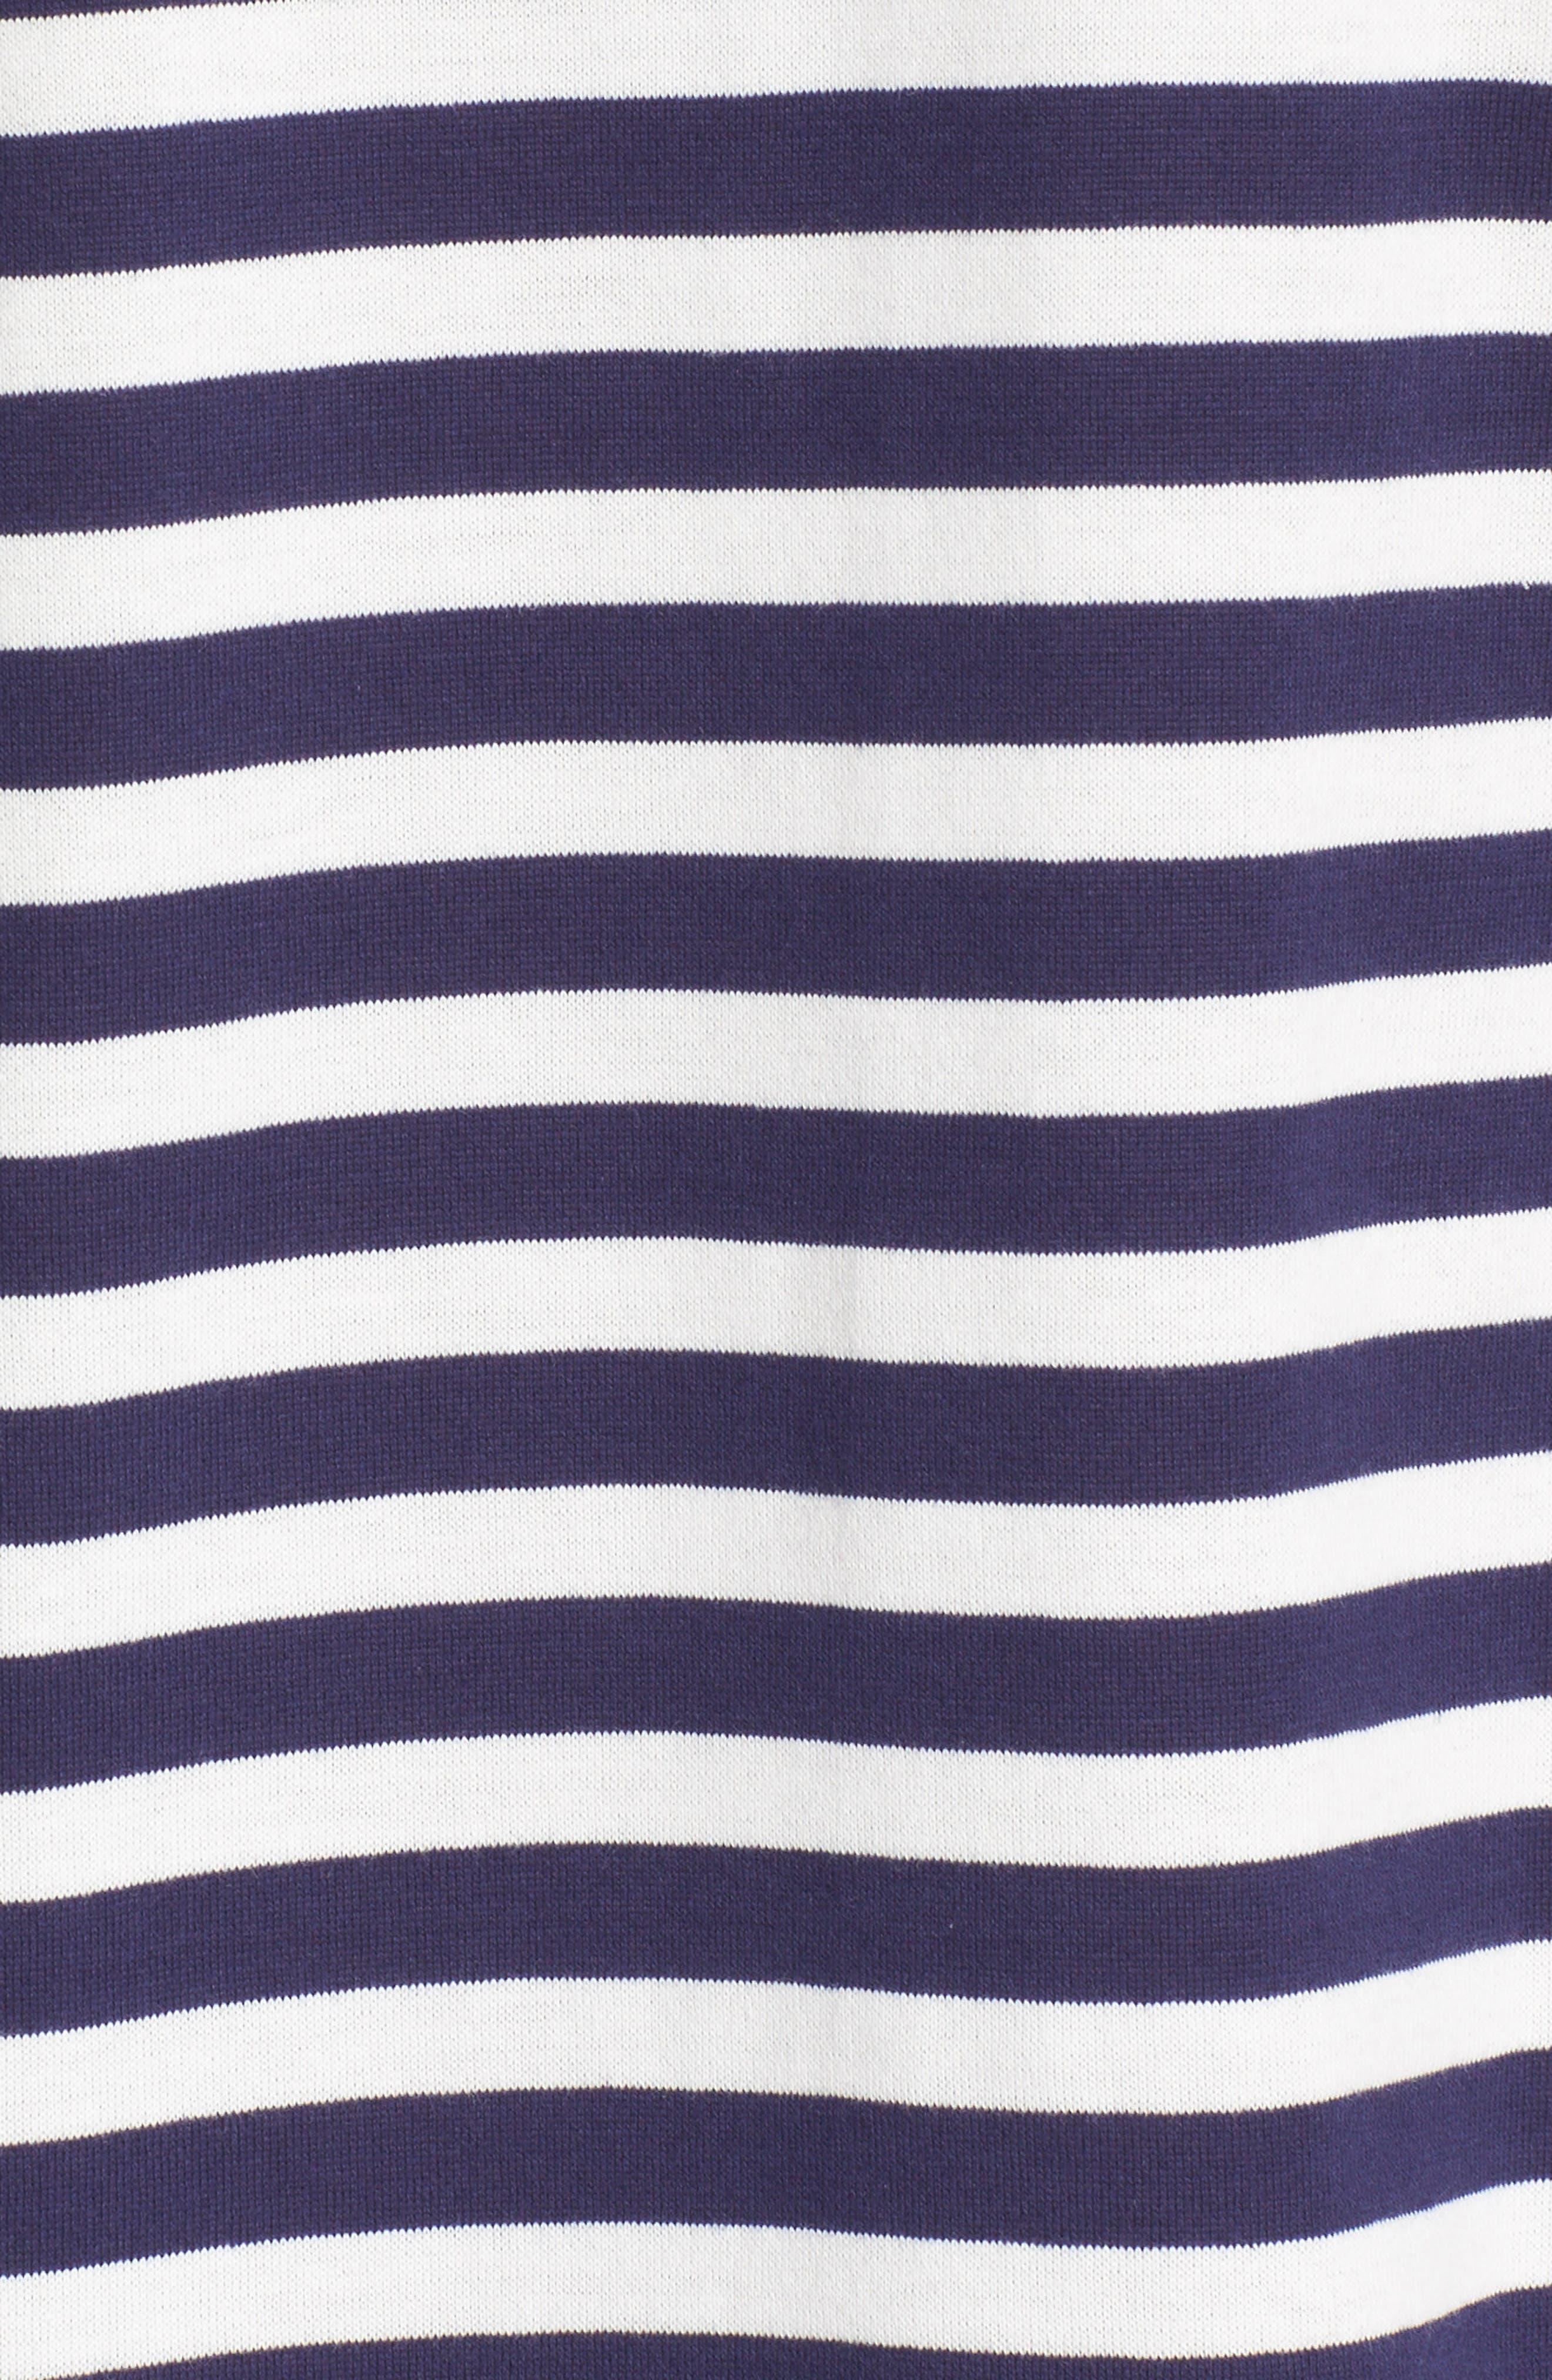 Comme des Garçons Play Twin Appliqué Stripe T-Shirt,                             Alternate thumbnail 5, color,                             Navy/ White